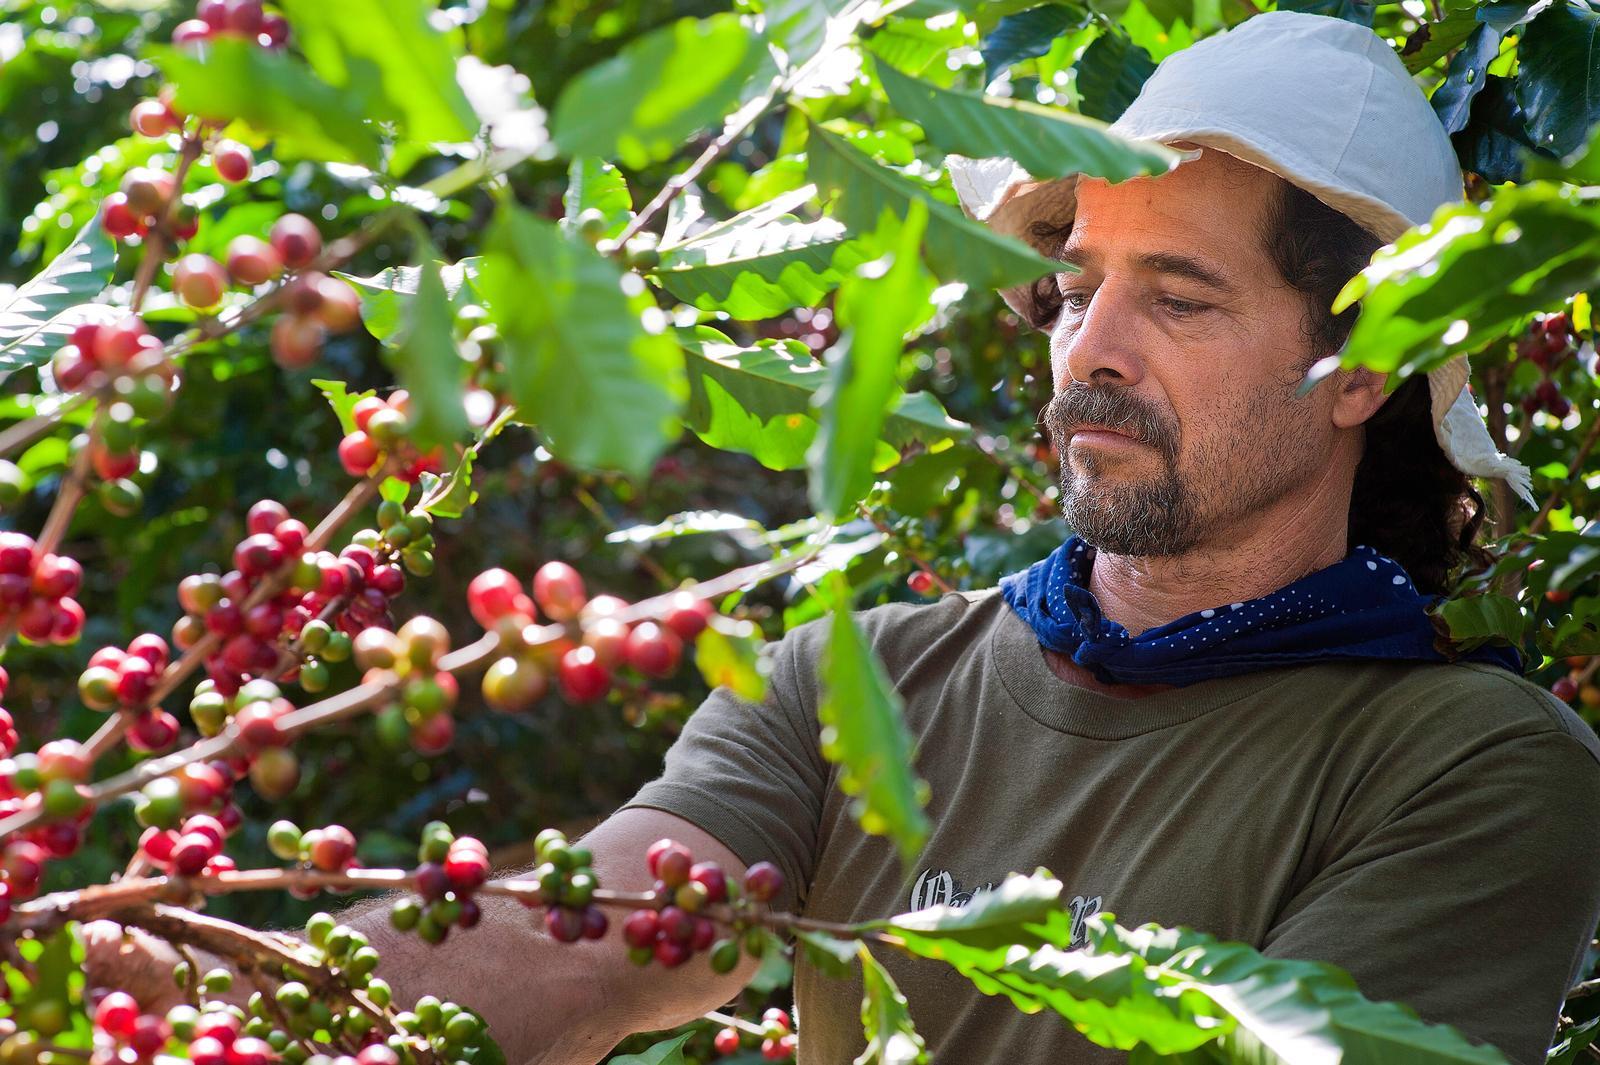 CostaRicaerkjentforsinutmerkedekaffe1.jpg